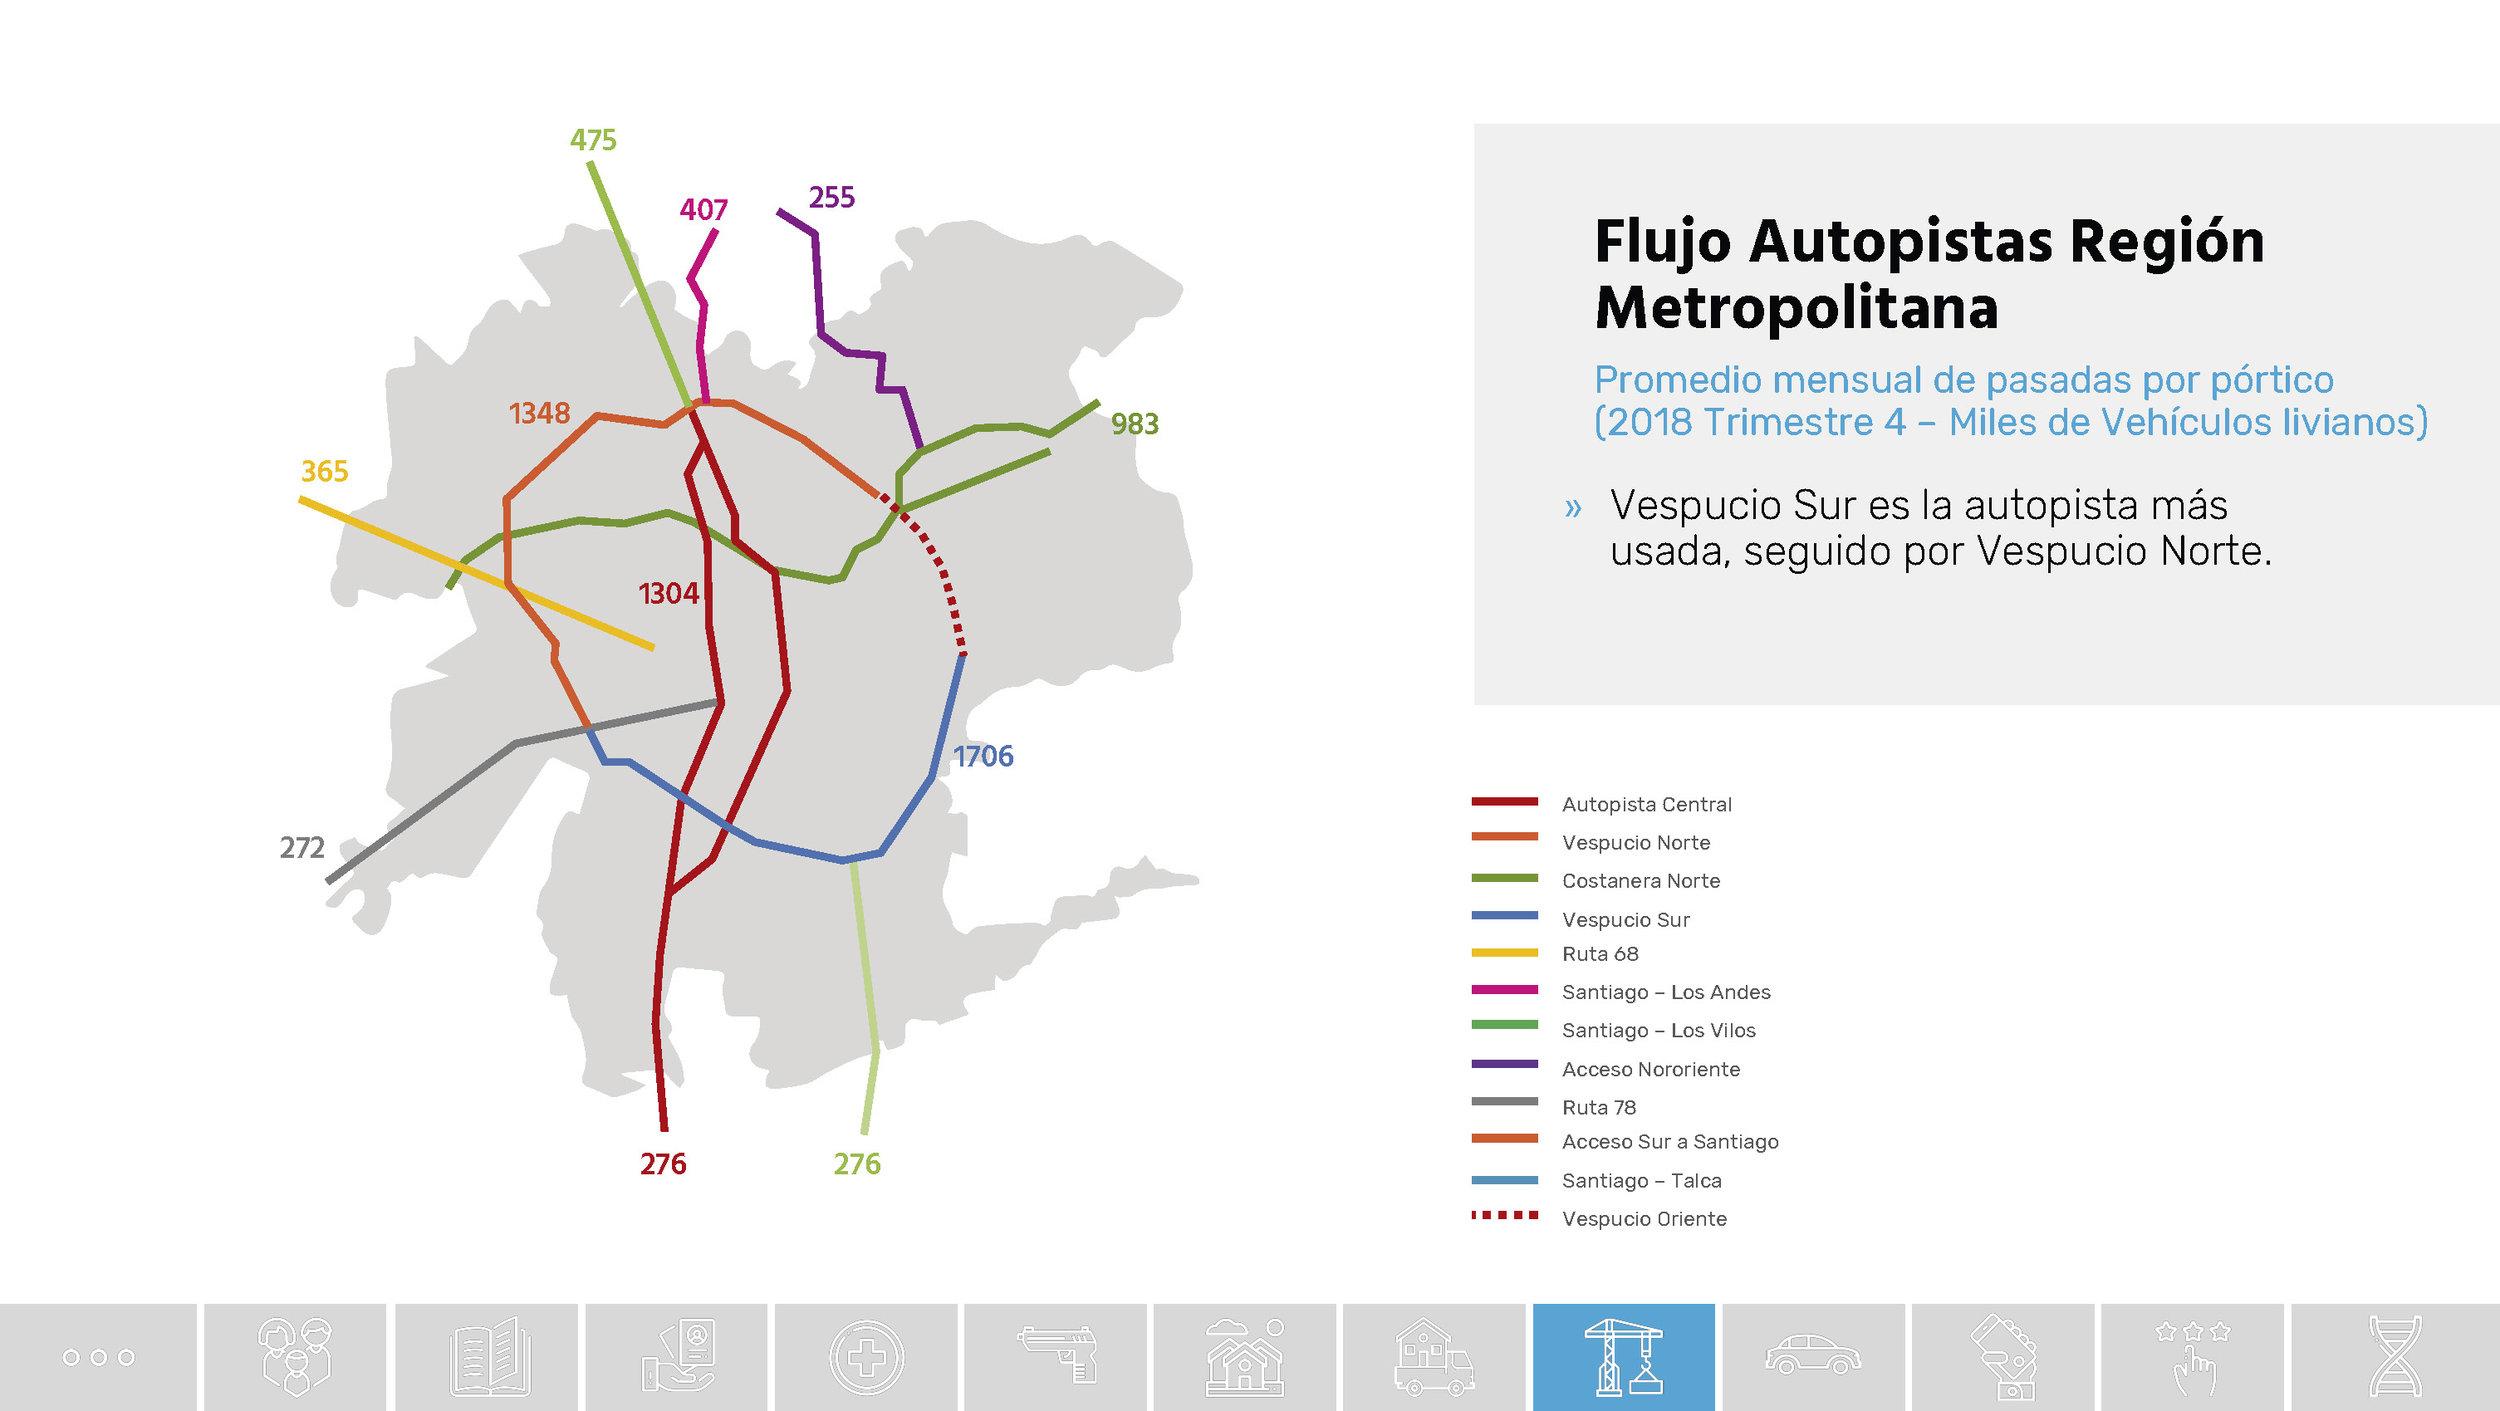 Chile_Datos de una transformacion social_Unholster_Página_57.jpg